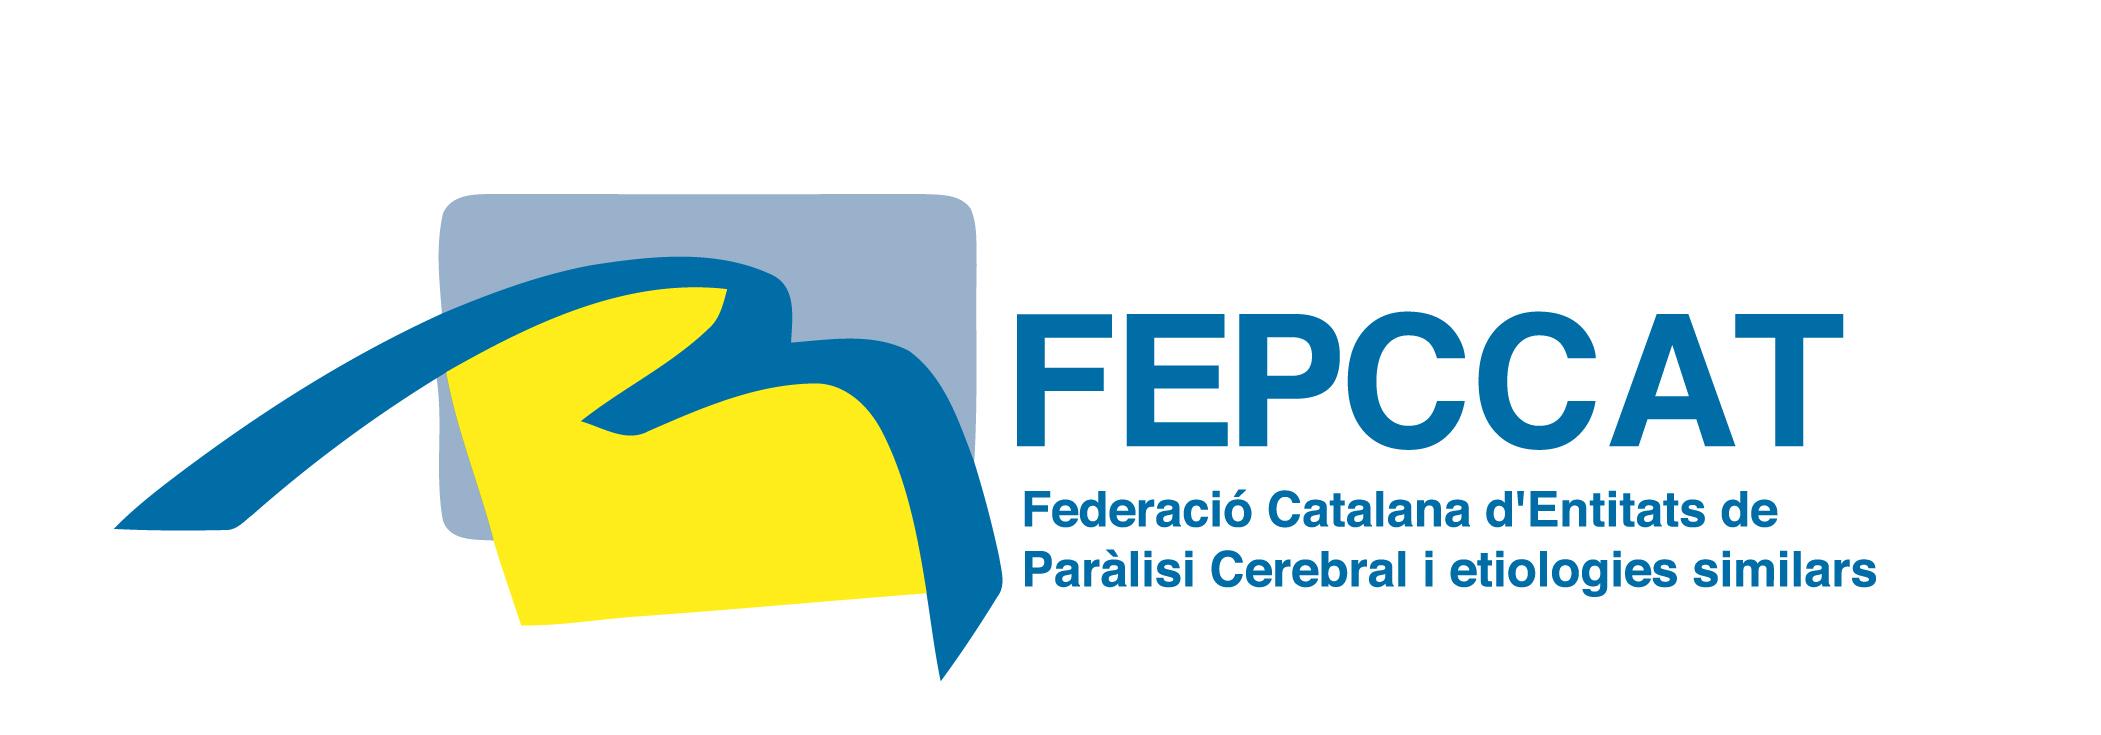 Federació Catalana d'Entitats de Paràlisi Cerebral i etiologies similars